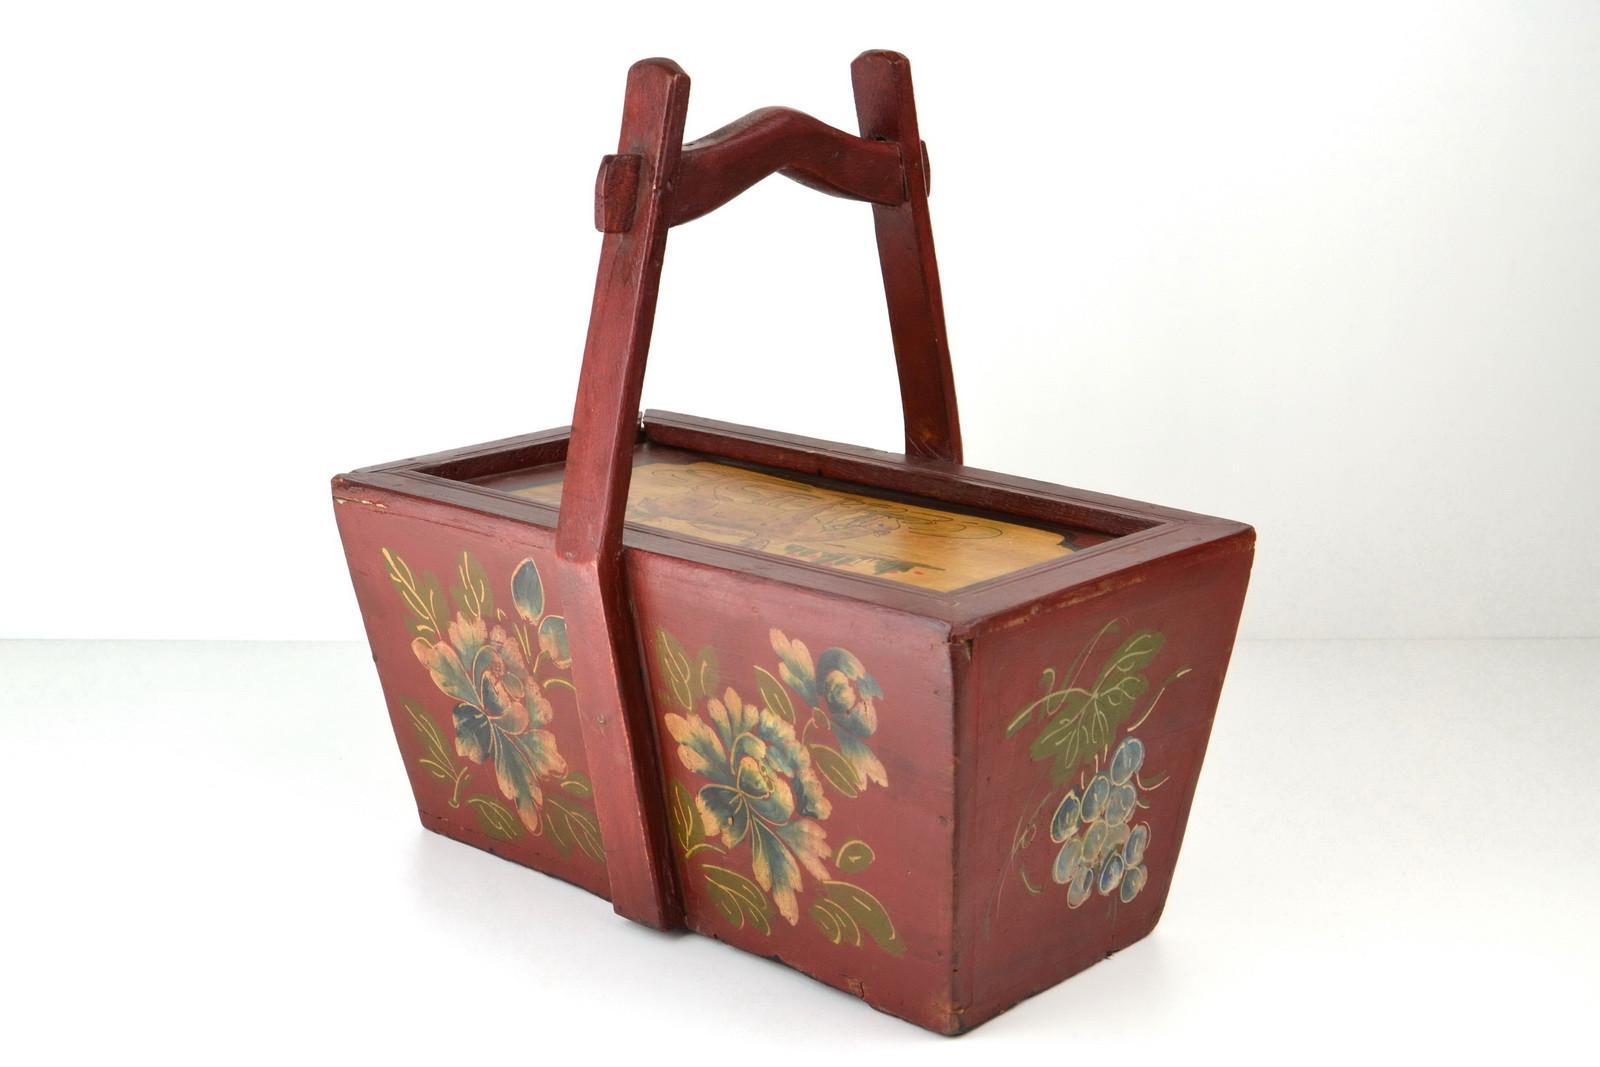 Cestini Da Lavoro Per Cucito cestino di legno dipinto , legno, oggetti rurali, oggetti vecchi